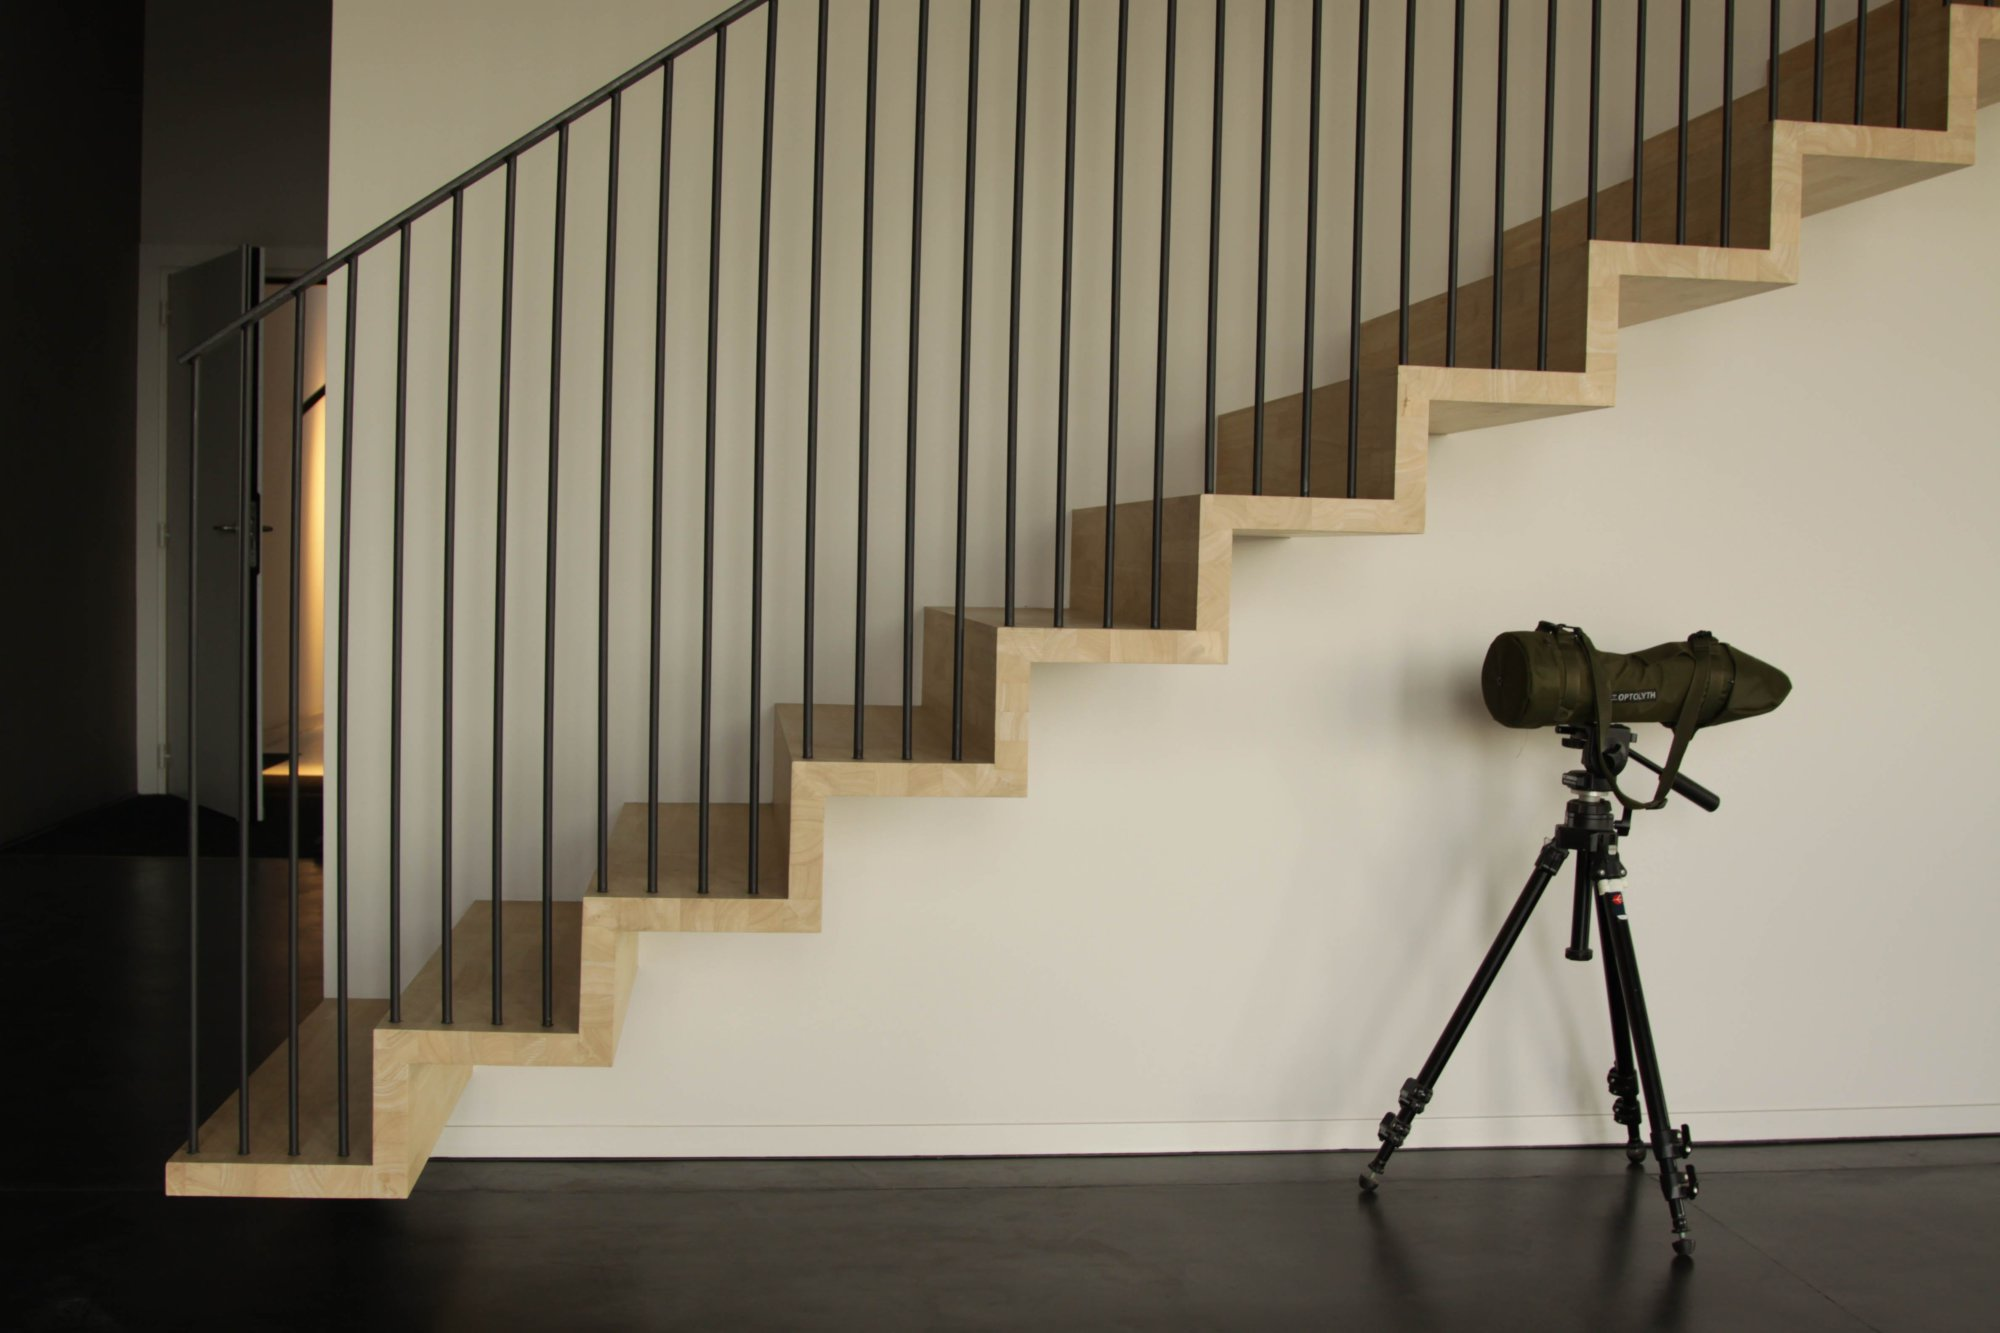 Zwevende Trap Kosten : Zwevende trap gordijnleuning schrijnwerkerij verhoeven